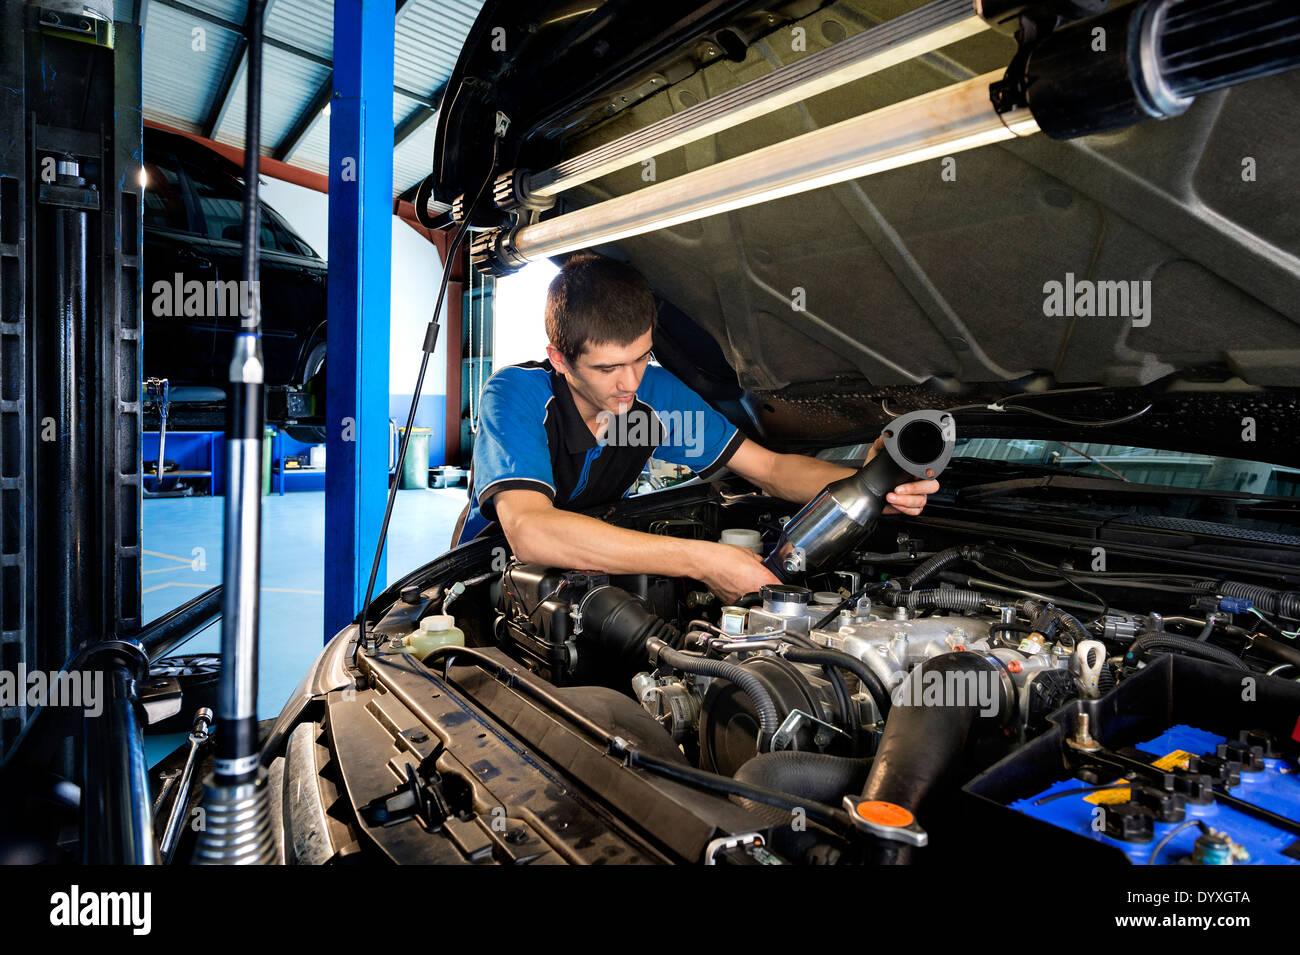 En vertu de l'apprenti mécanicien, un capot de voiture Photo Stock